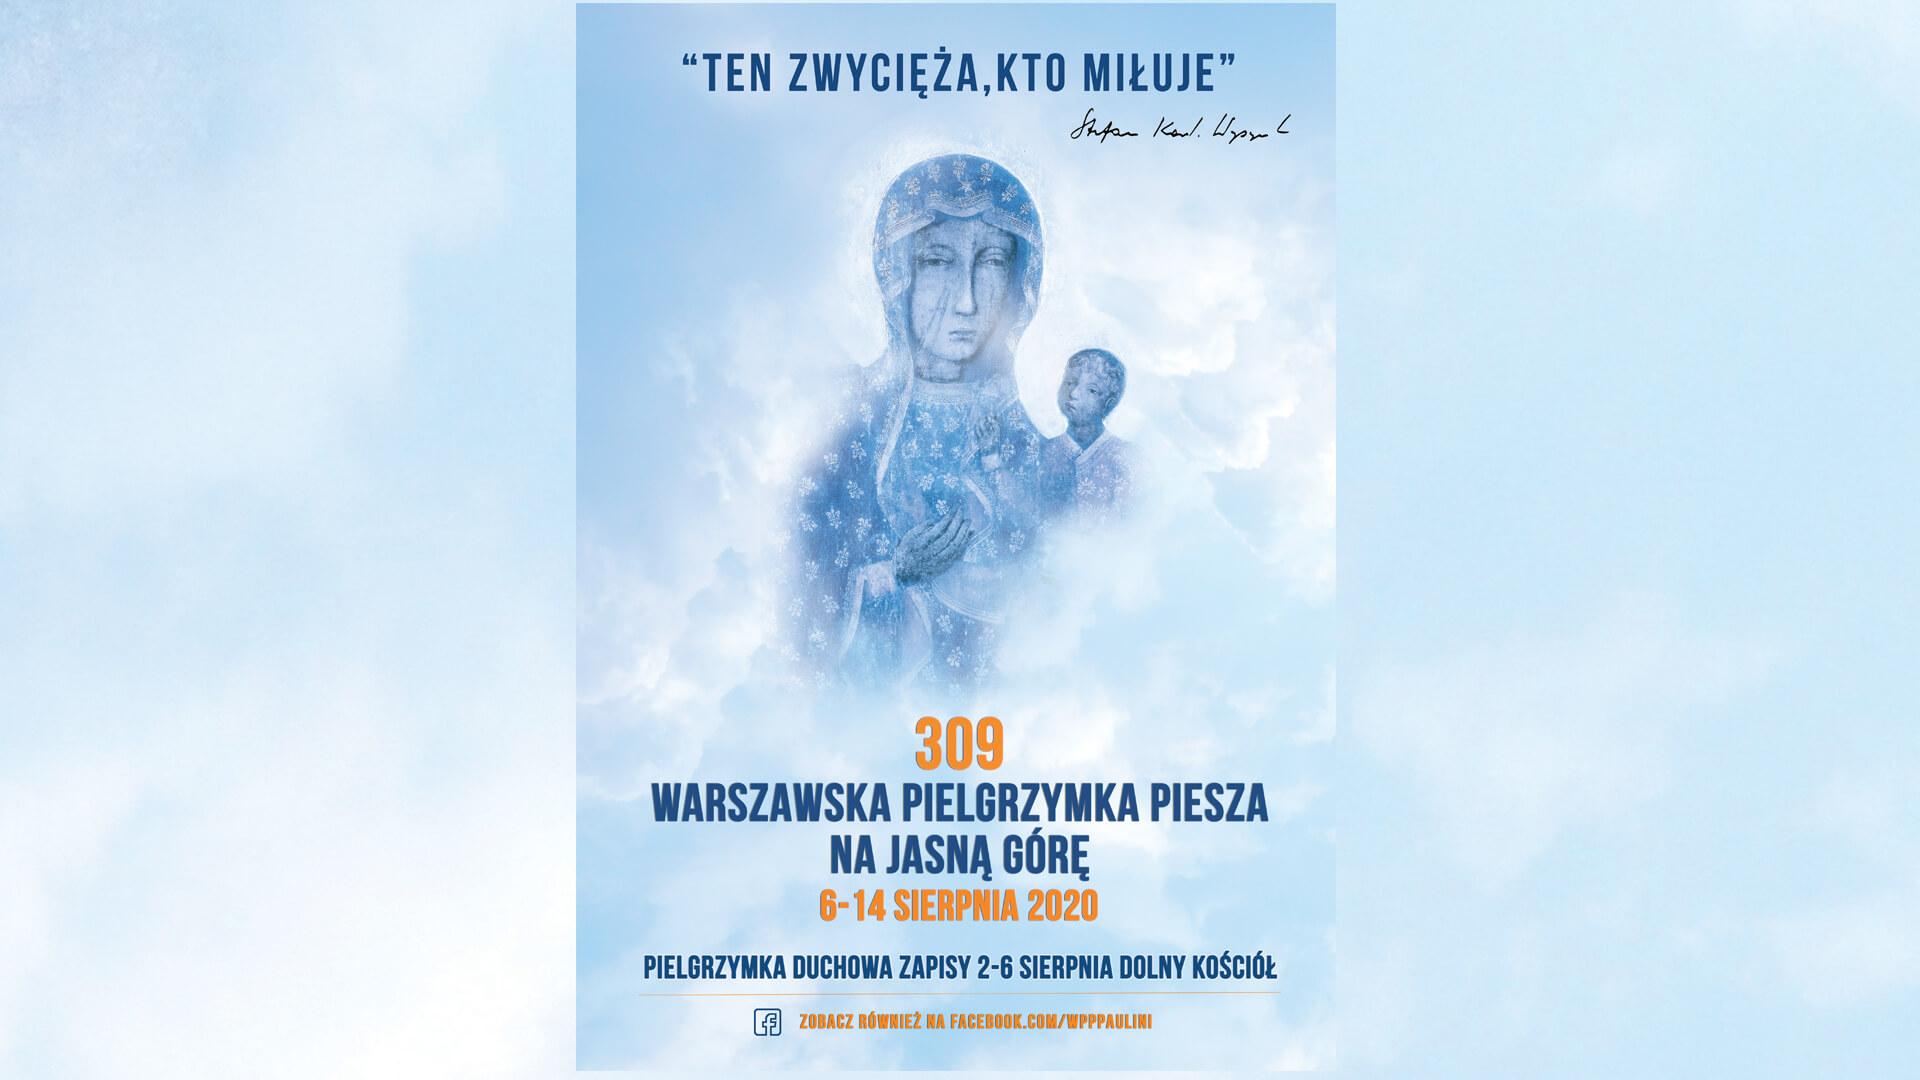 Plakat 309 WPP Andrzej Sobaniec page4you.pl 1920